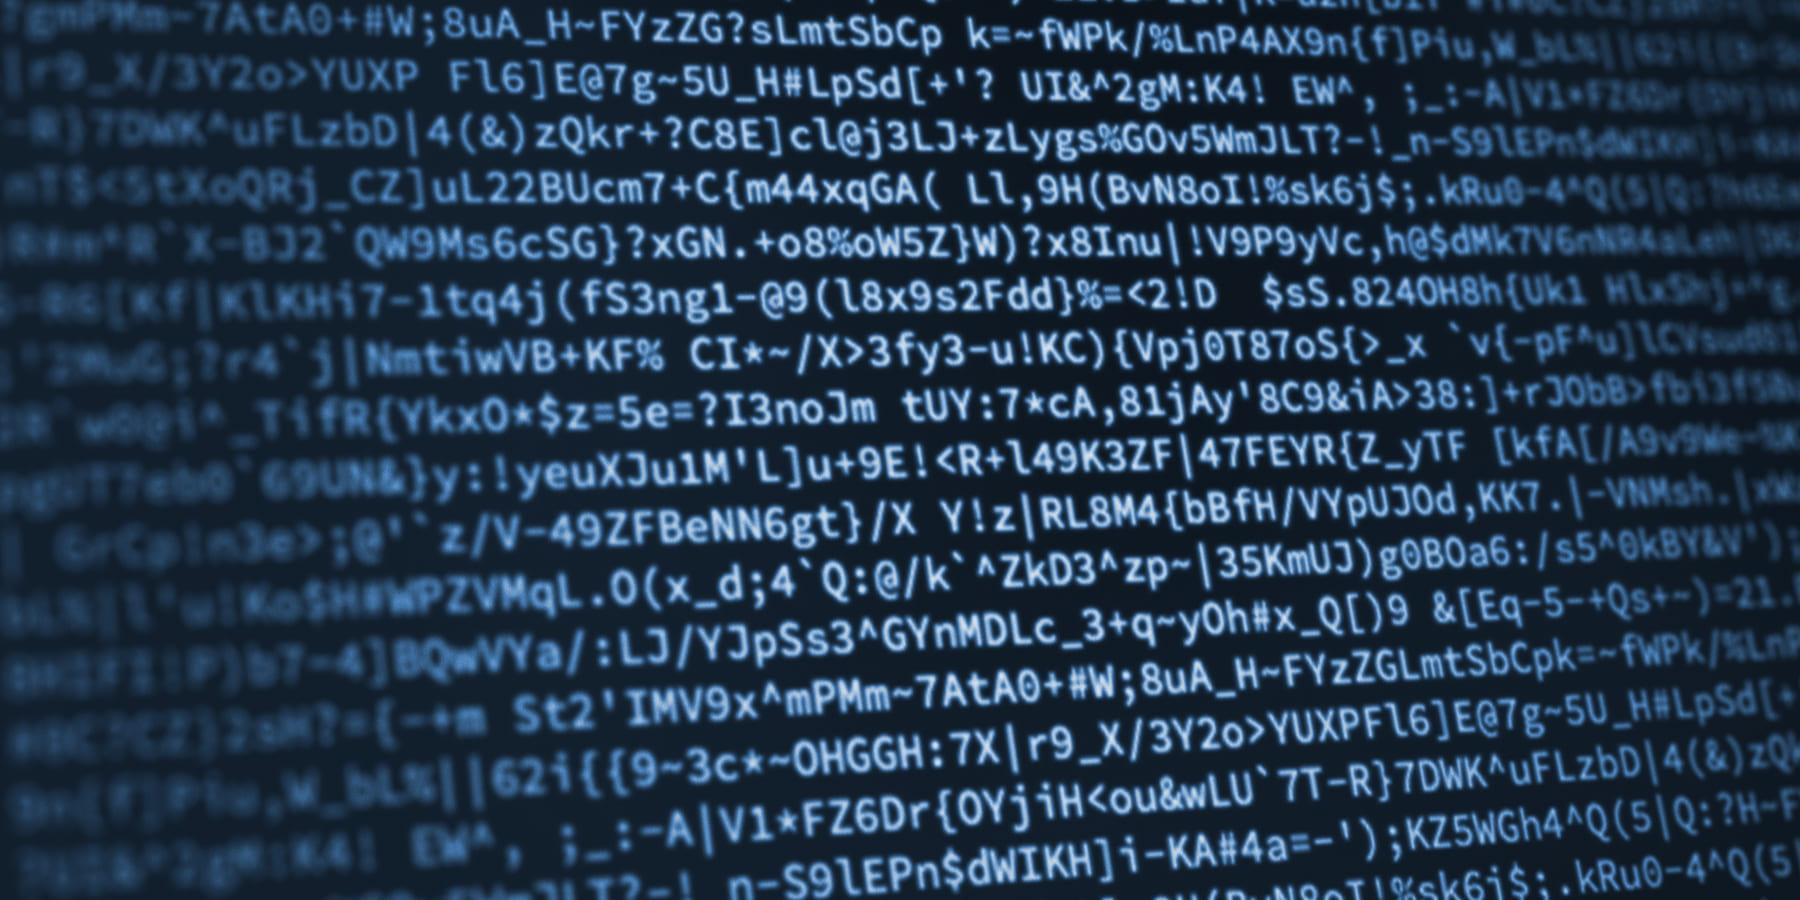 Wirecard ist eine Dauerwette auf die Glaubwürdigkeit des Managements - Programmier Code auf dunklem Hintergrund